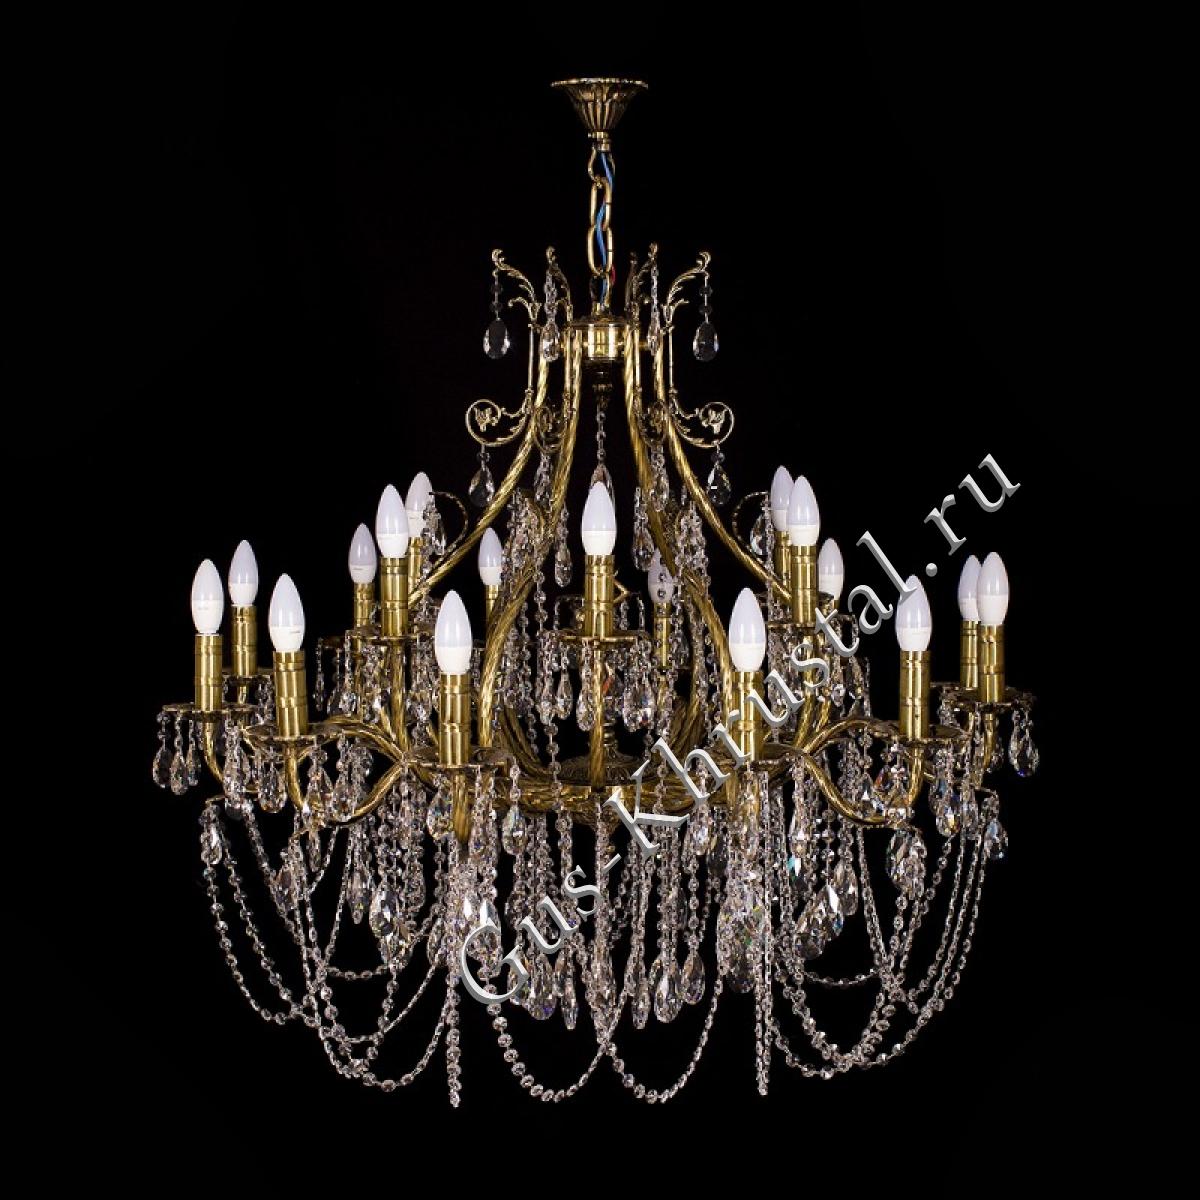 Люстра бронзовая Богиня Резная (18 ламп)